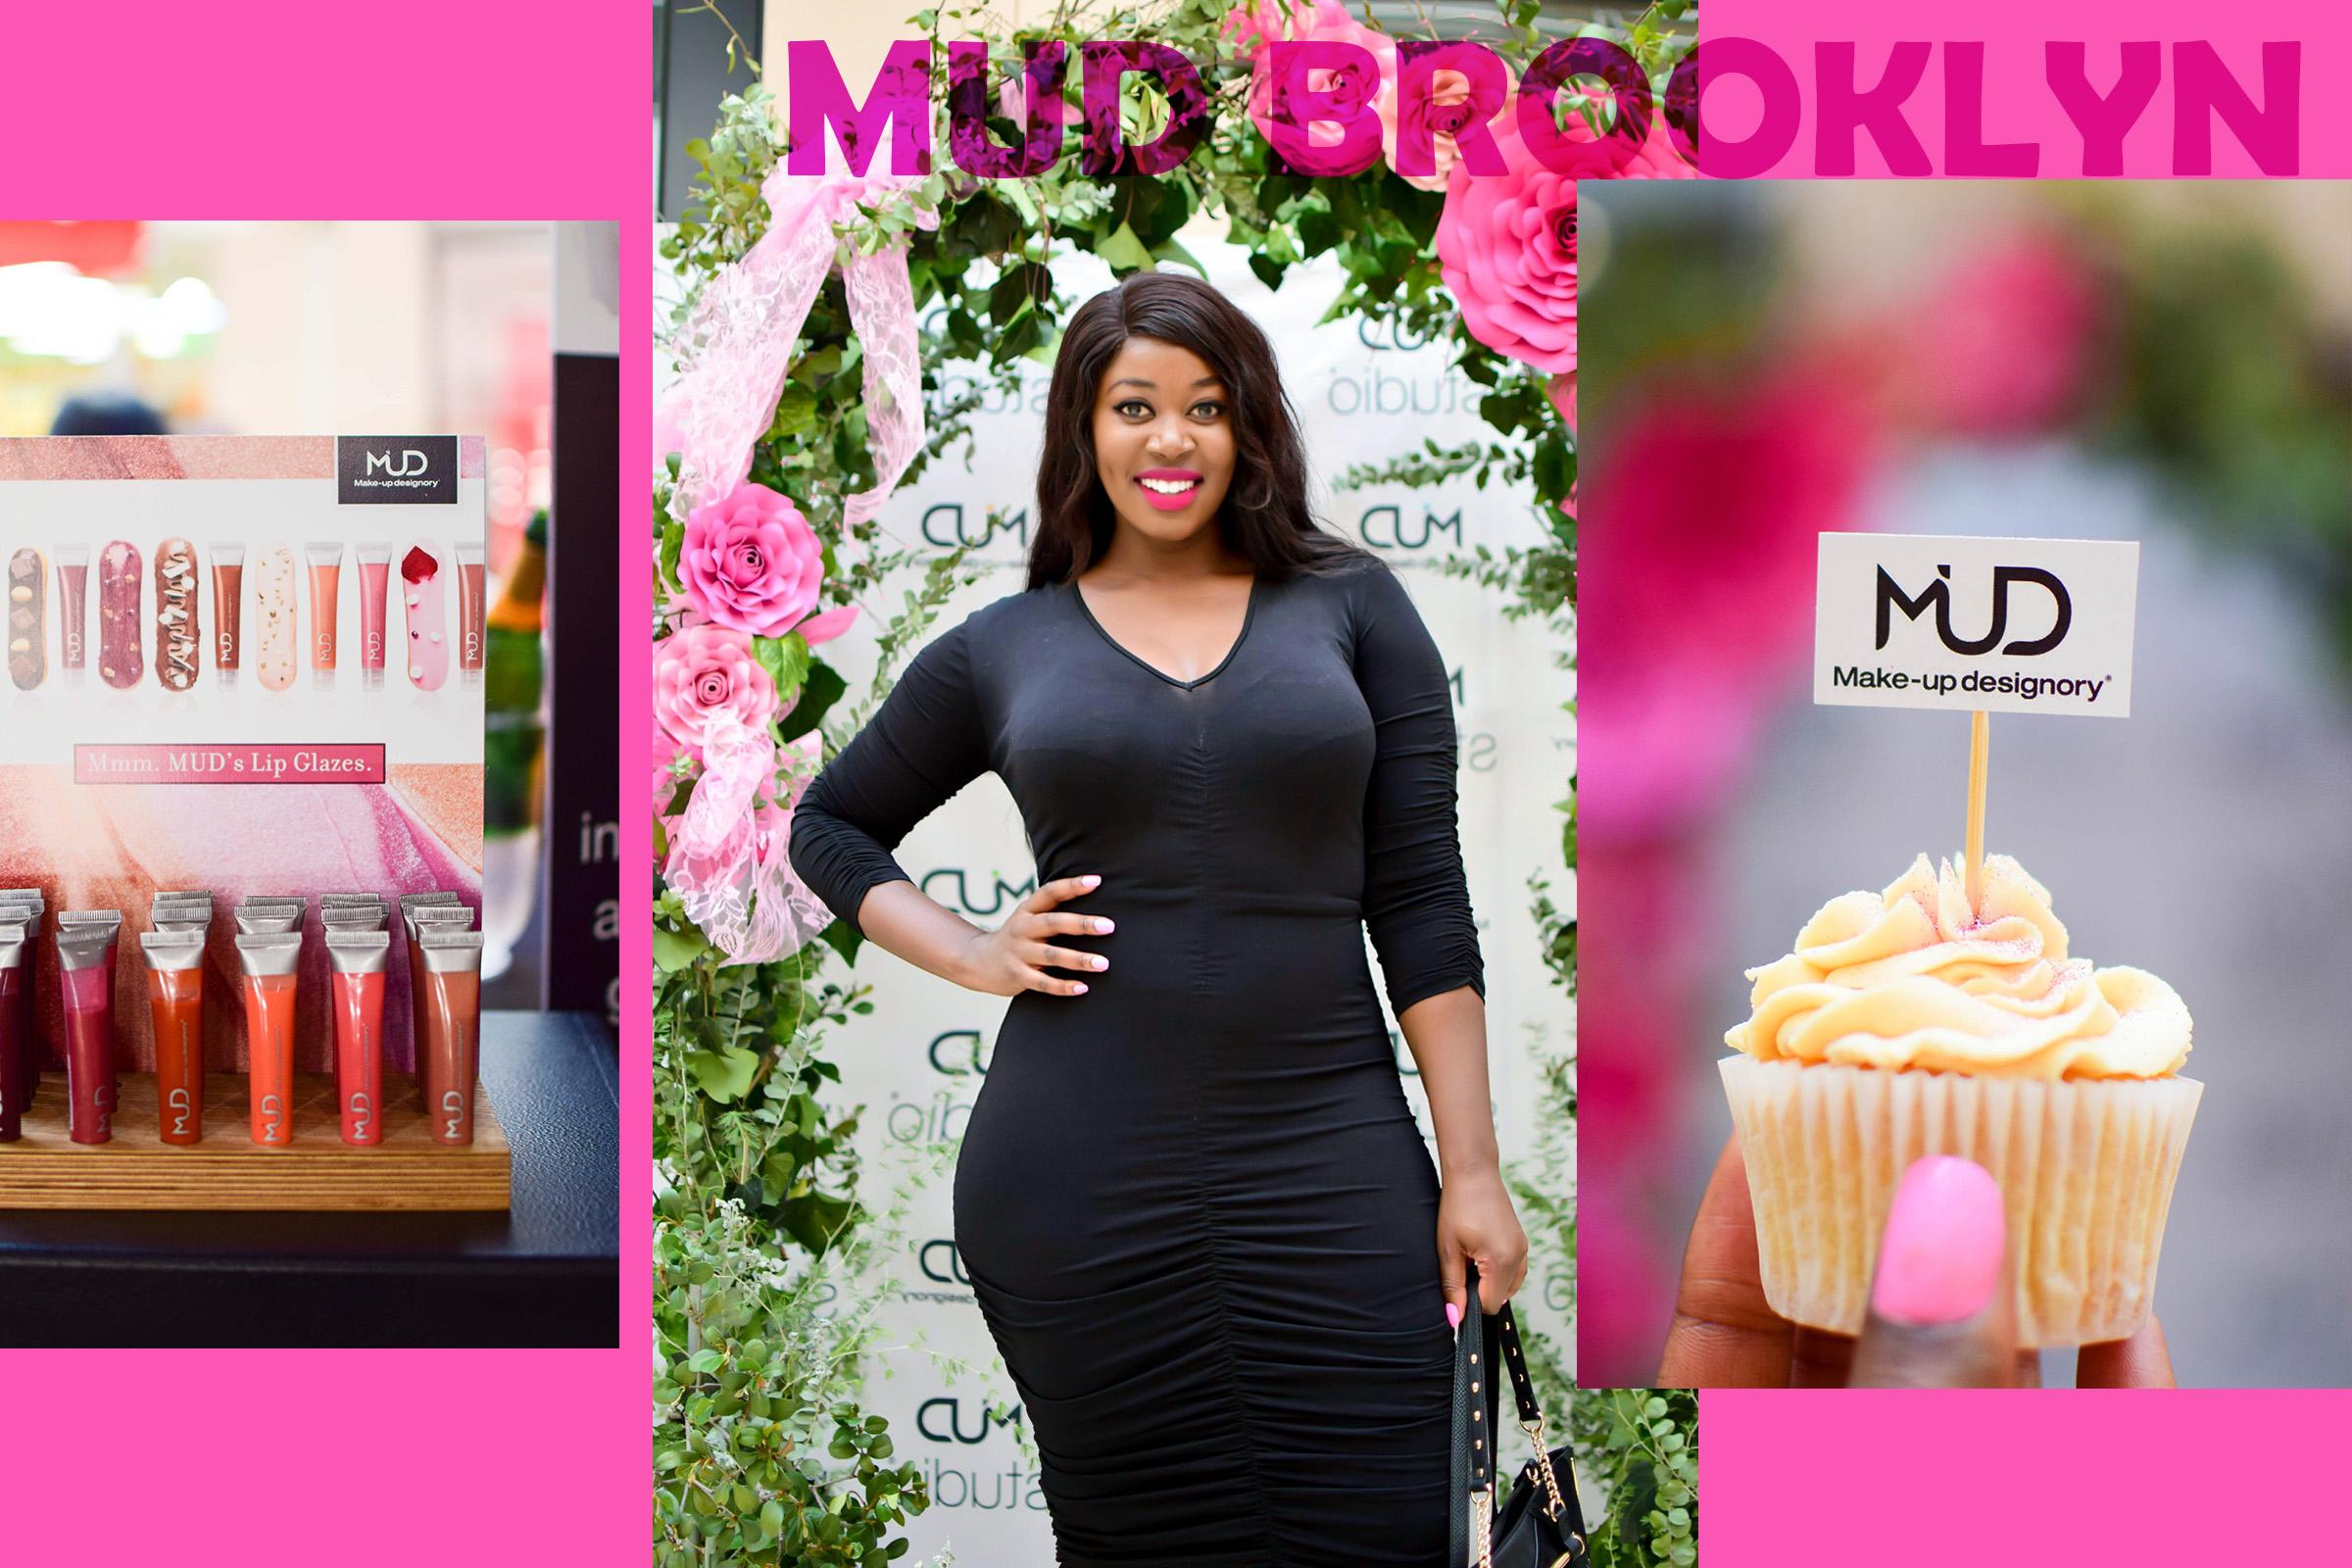 mud studio brooklyn mall launch (10)